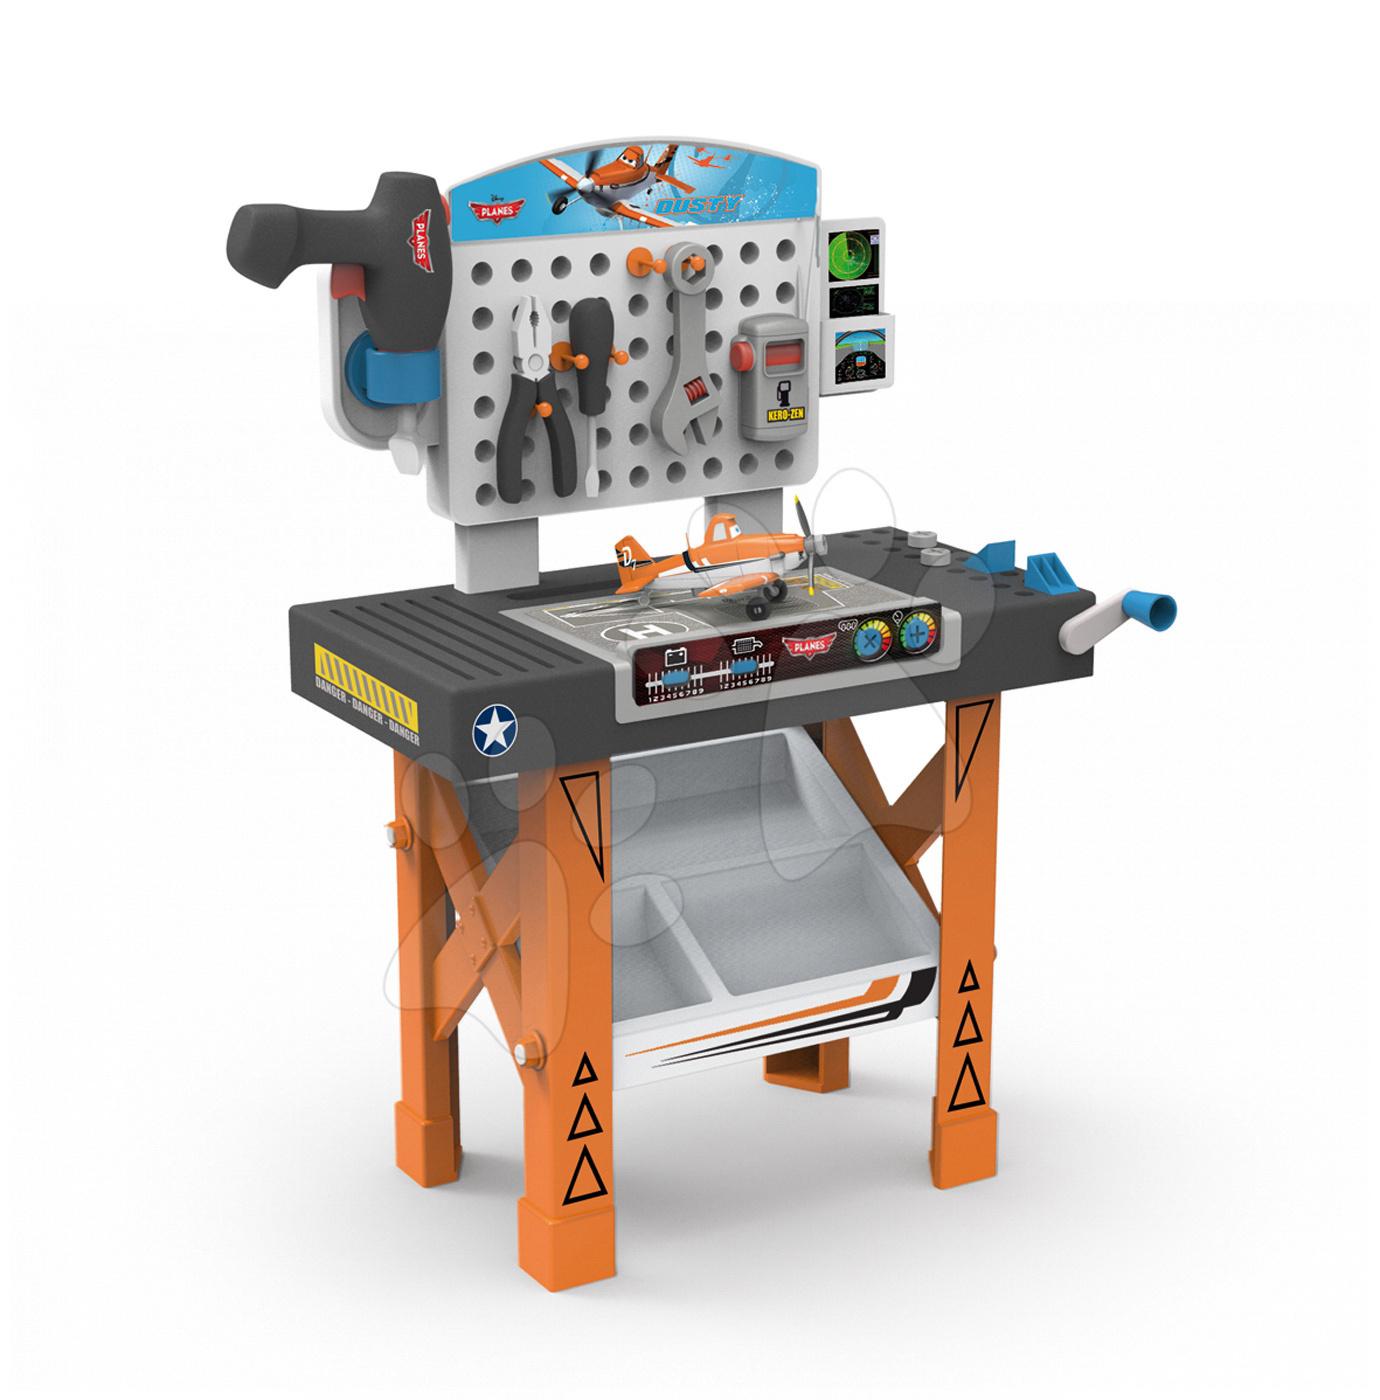 Pracovná detská dielňa - Pracovný stôl Lietadlá Smoby s mechanickou vŕtačkou, lietadlom Dusty a 20 doplnkami